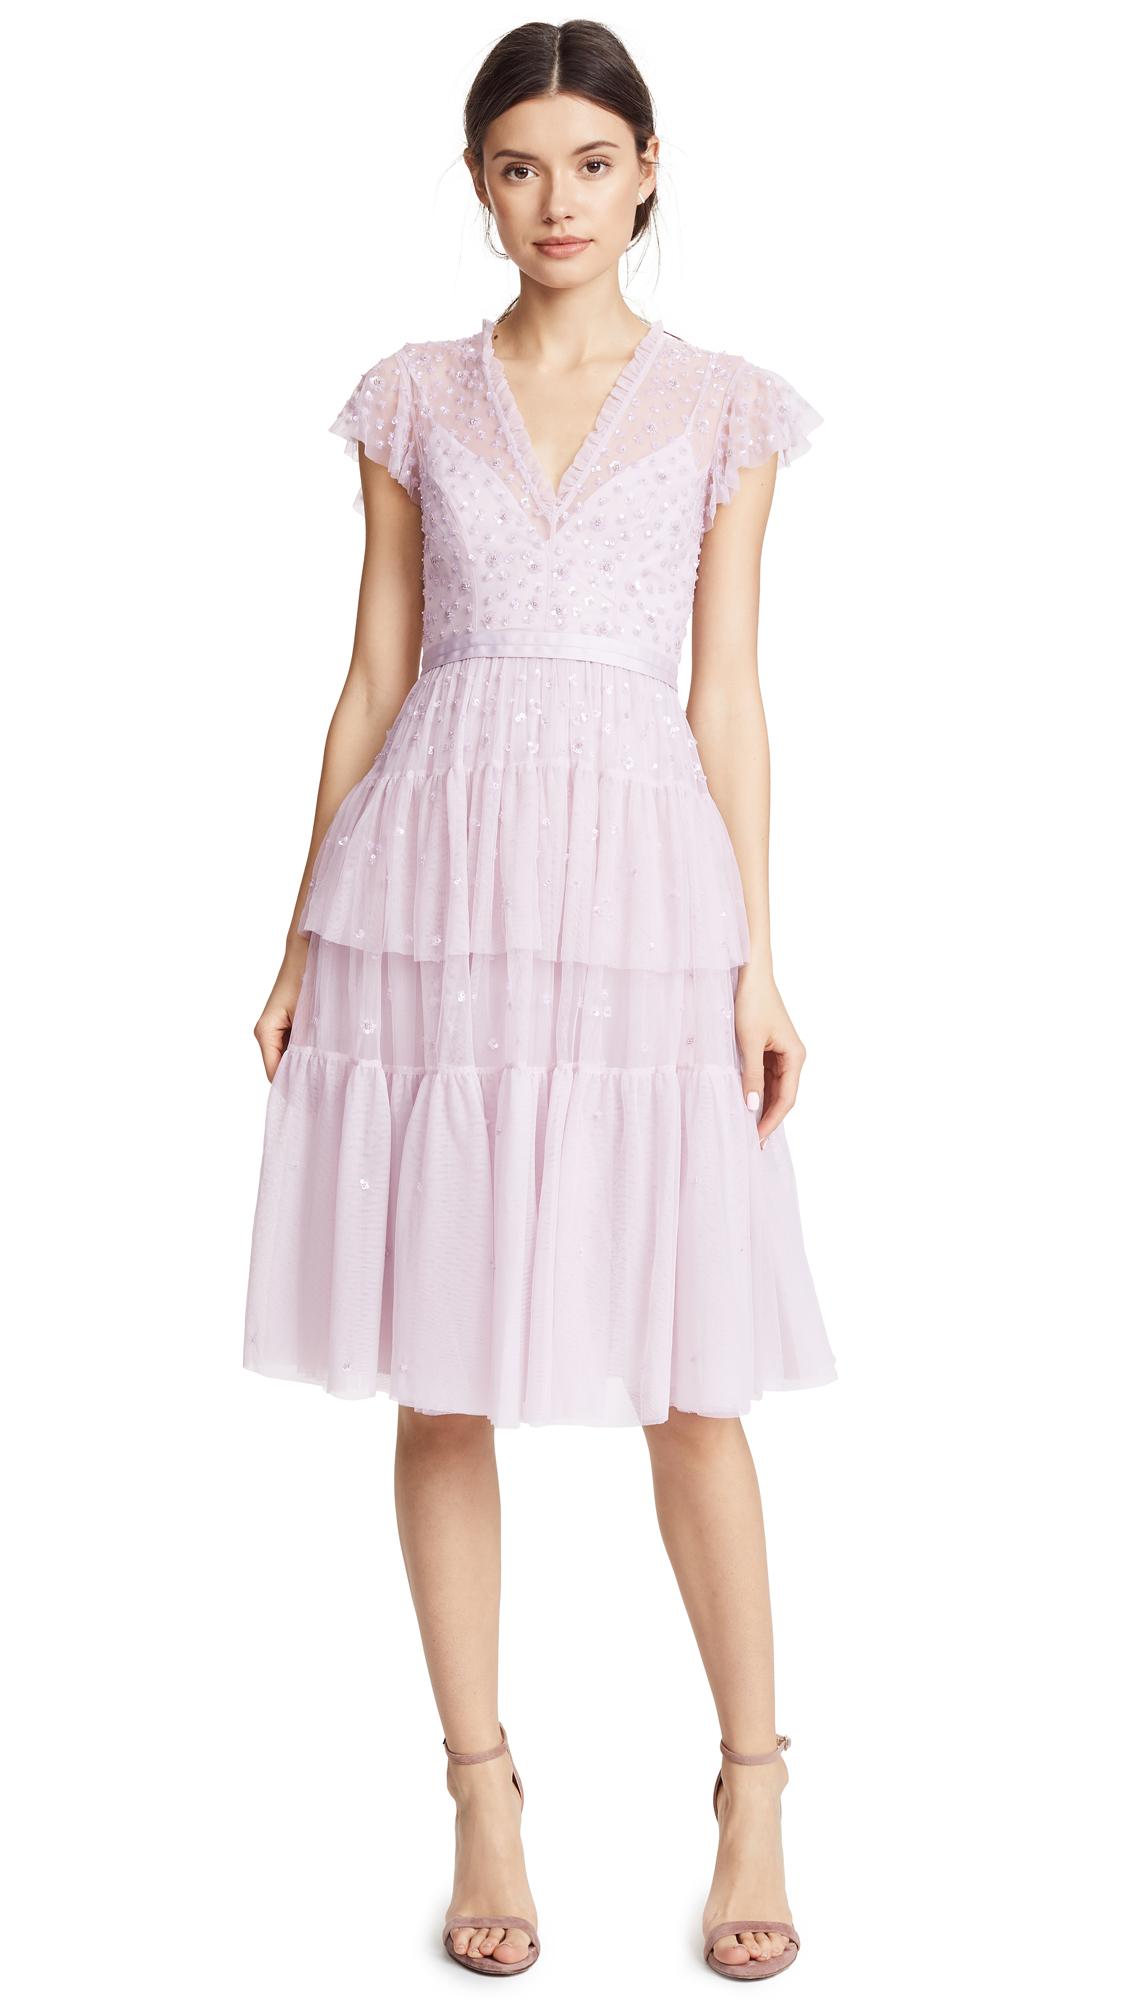 Needle & Thread Mirage Dress